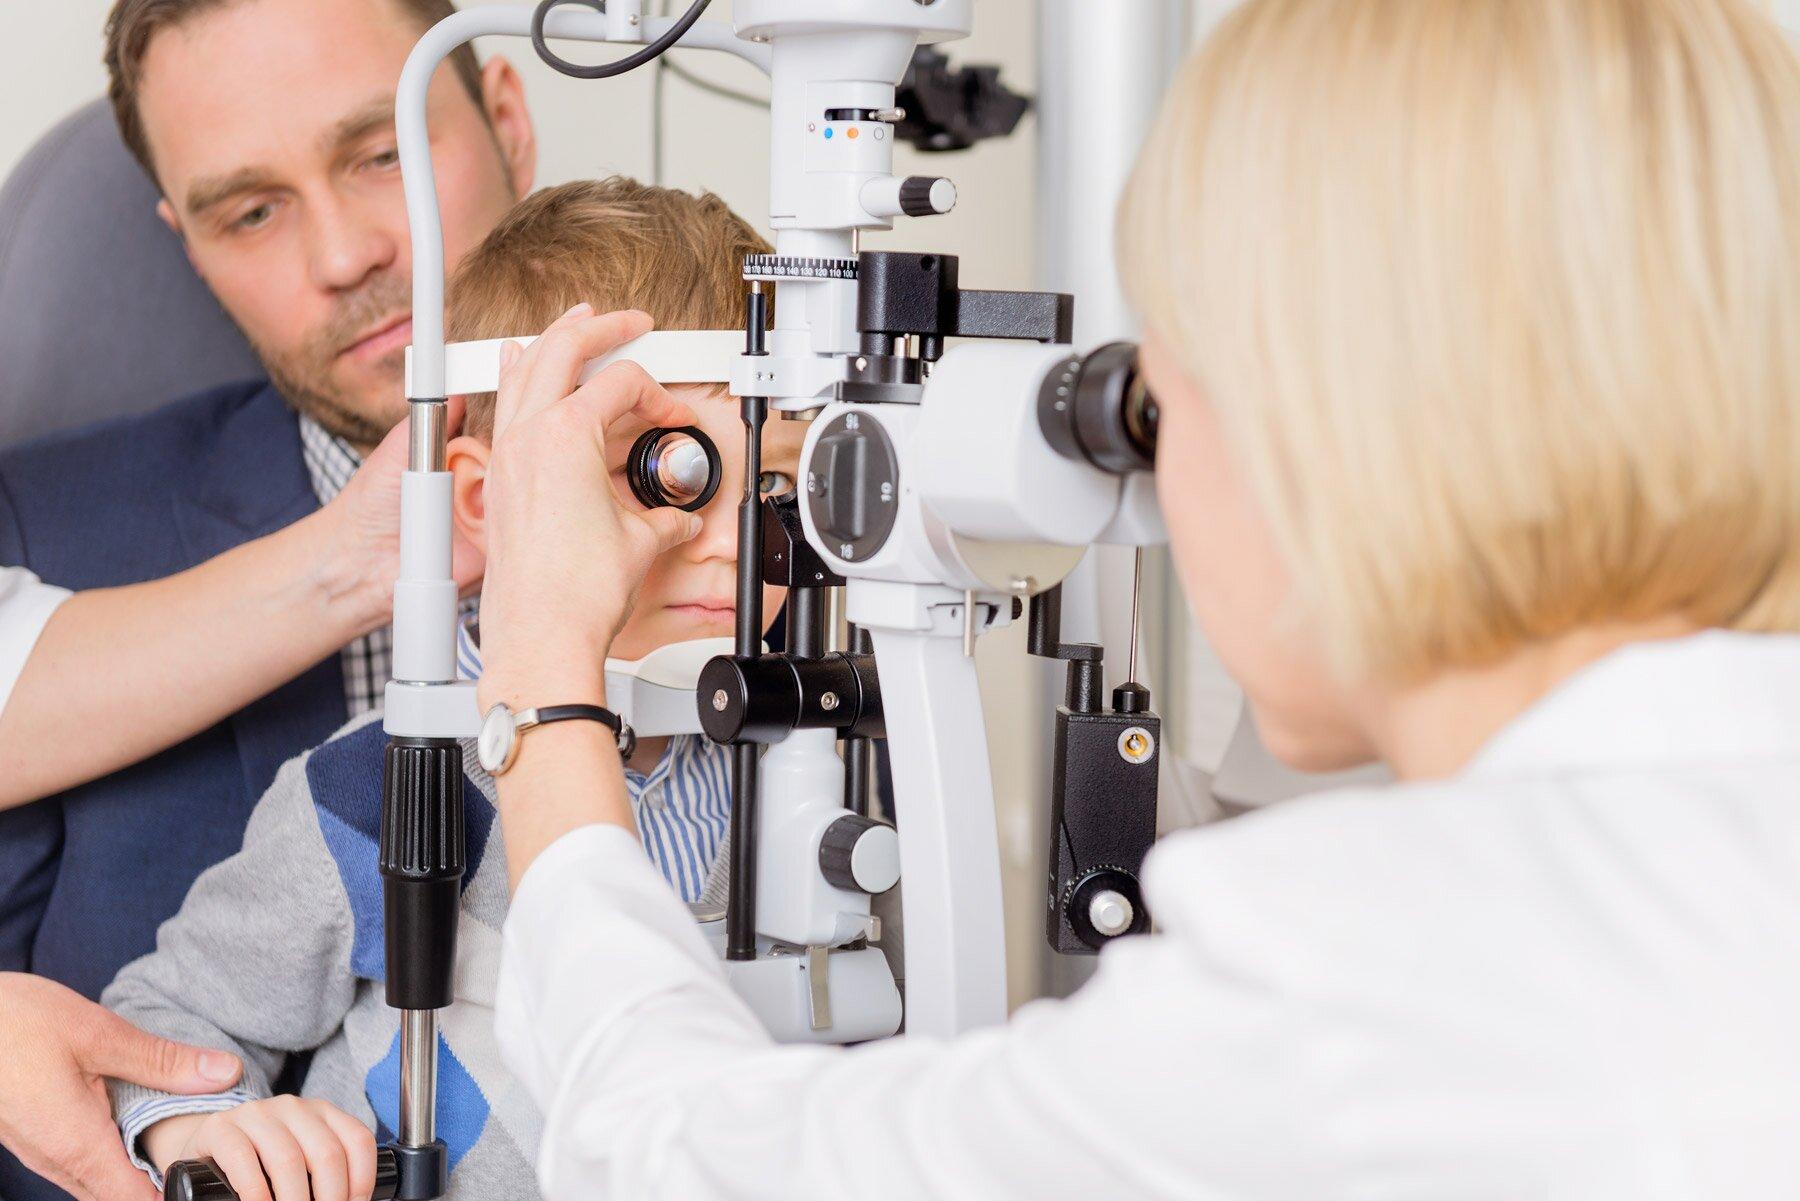 Medicinos-centro-paslaugu-gydytoju-darbo-proceso-fotografavimas-4